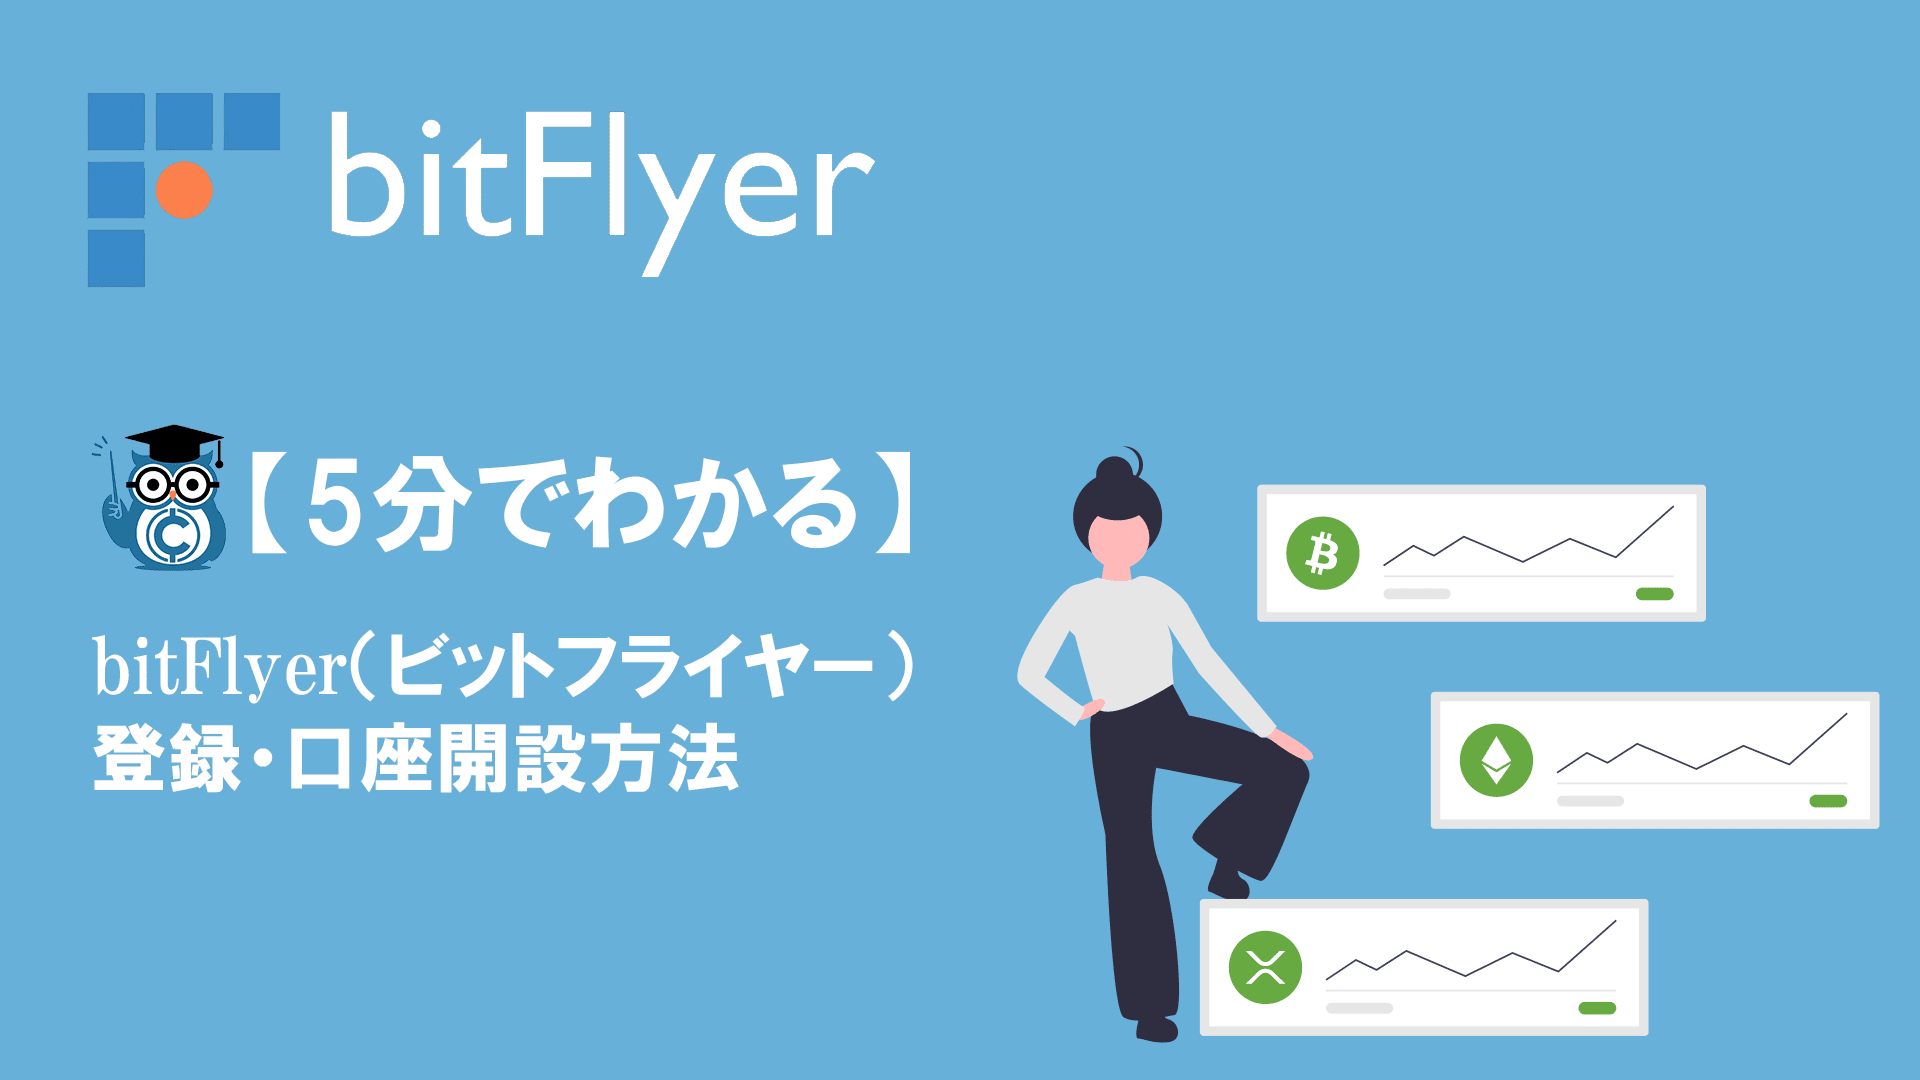 ビットフライヤー(bitFlyer)の登録・口座開設の手順を画像付きで解説!